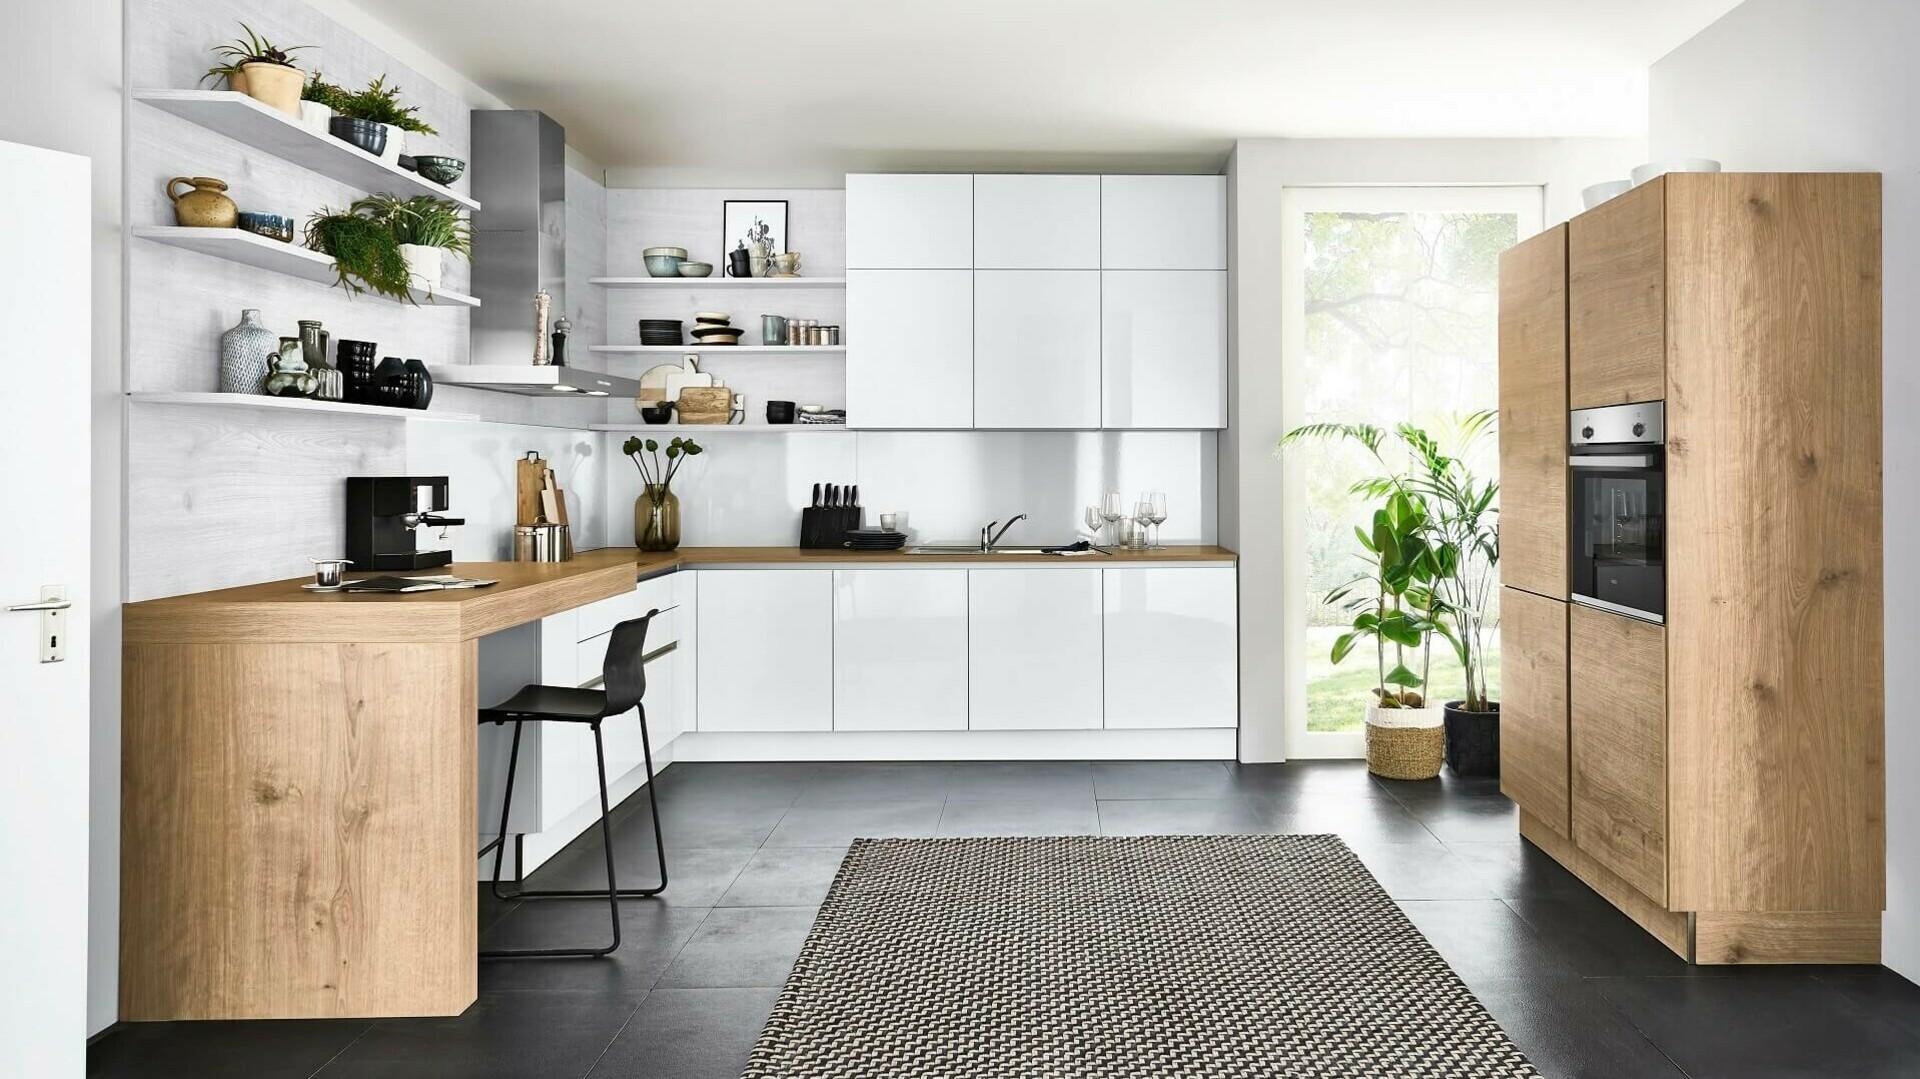 Full Size of Java Schiefer Arbeitsplatte Küche Arbeitsplatten Sideboard Mit Wohnzimmer Java Schiefer Arbeitsplatte